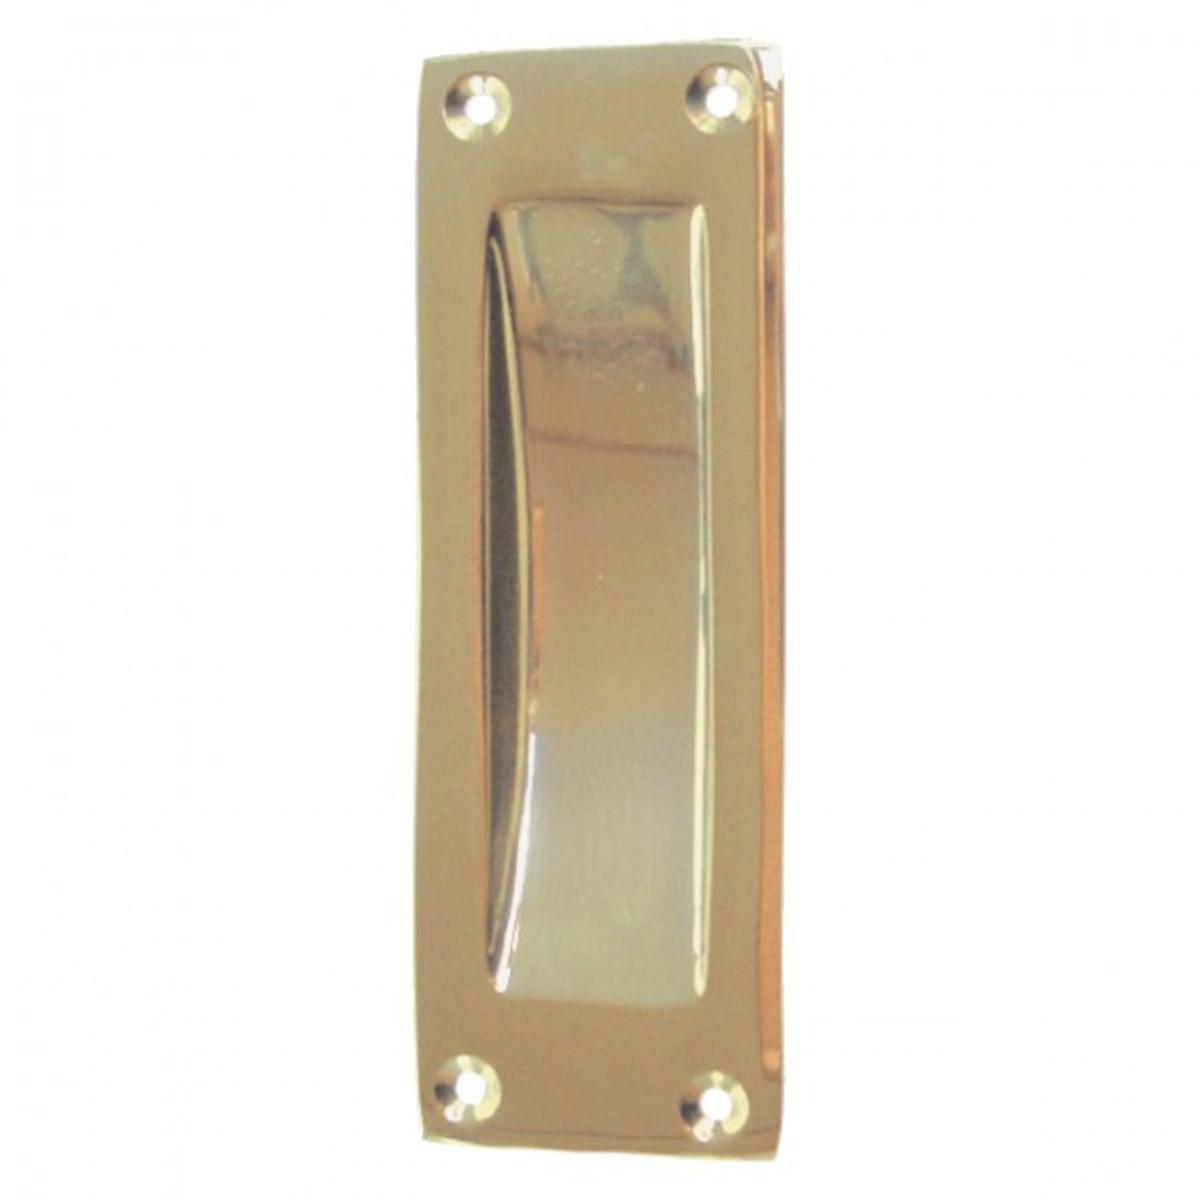 Beschlag Schiebetür schlicht rechteckig aus Messing als eleganter und zeitloser Türbeschlag für Ihre Türen.